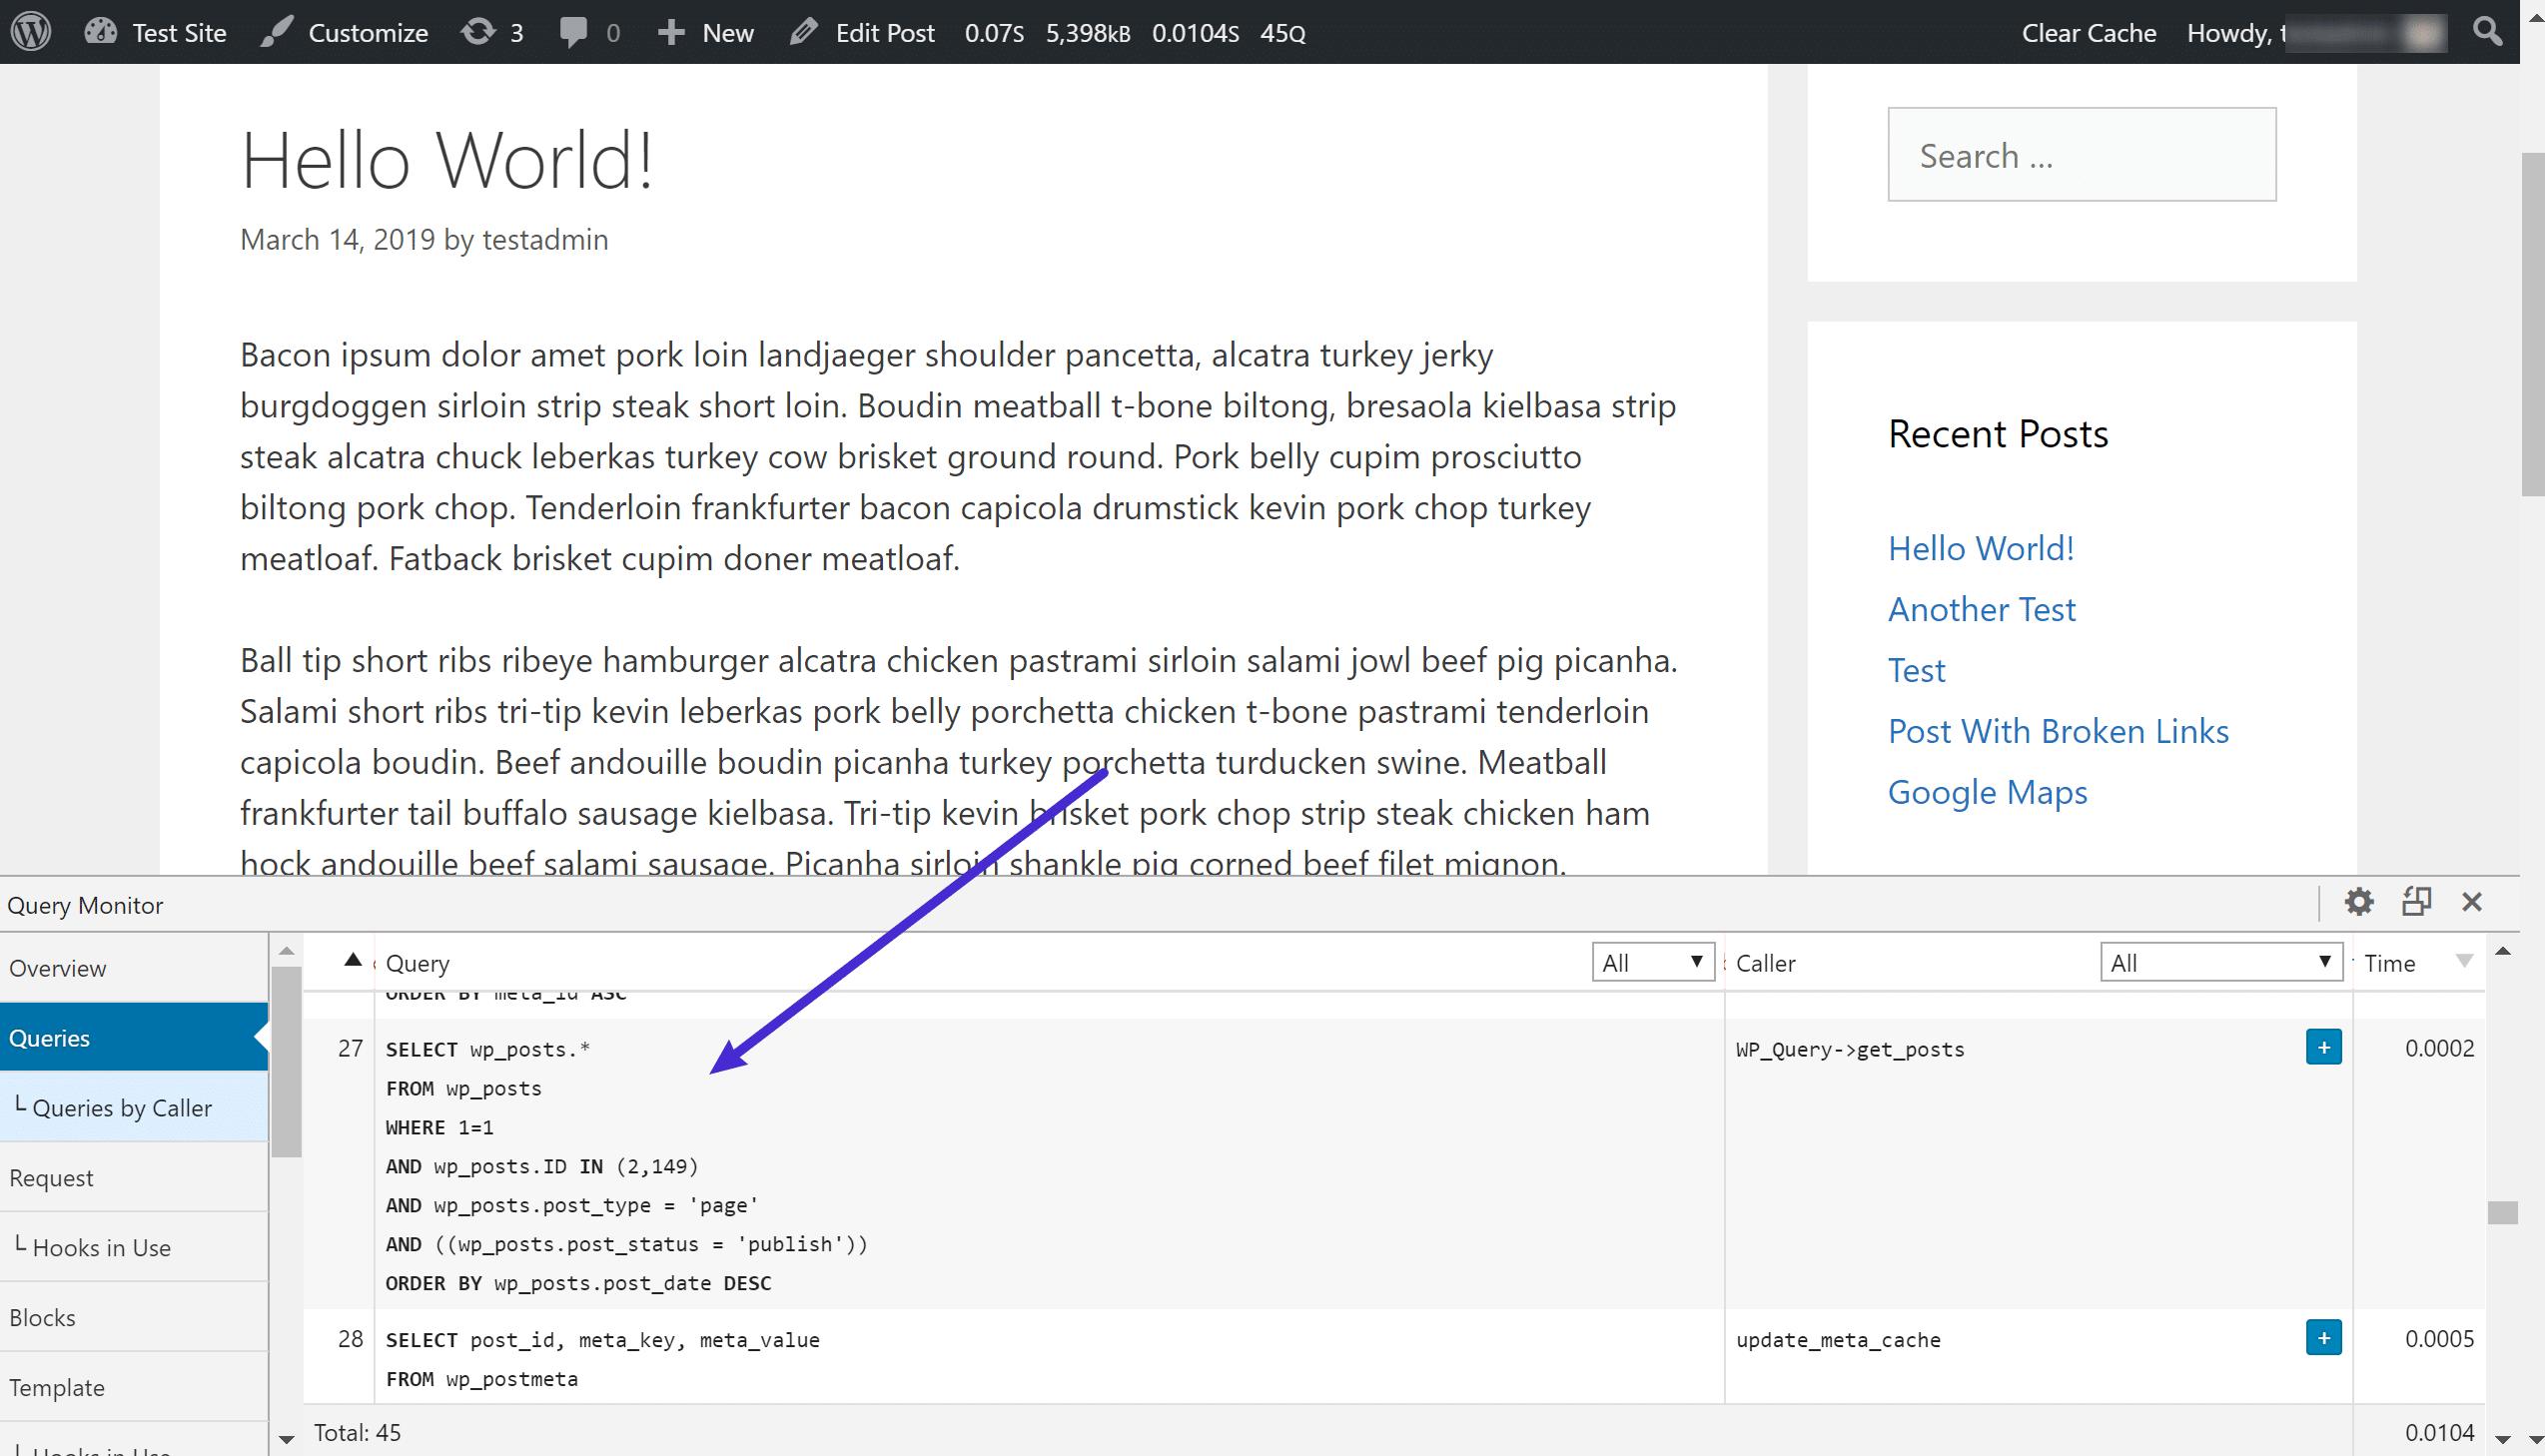 Le plugin Query Monitor vous montre les requêtes SQL individuelles envoyées au serveur MySQL